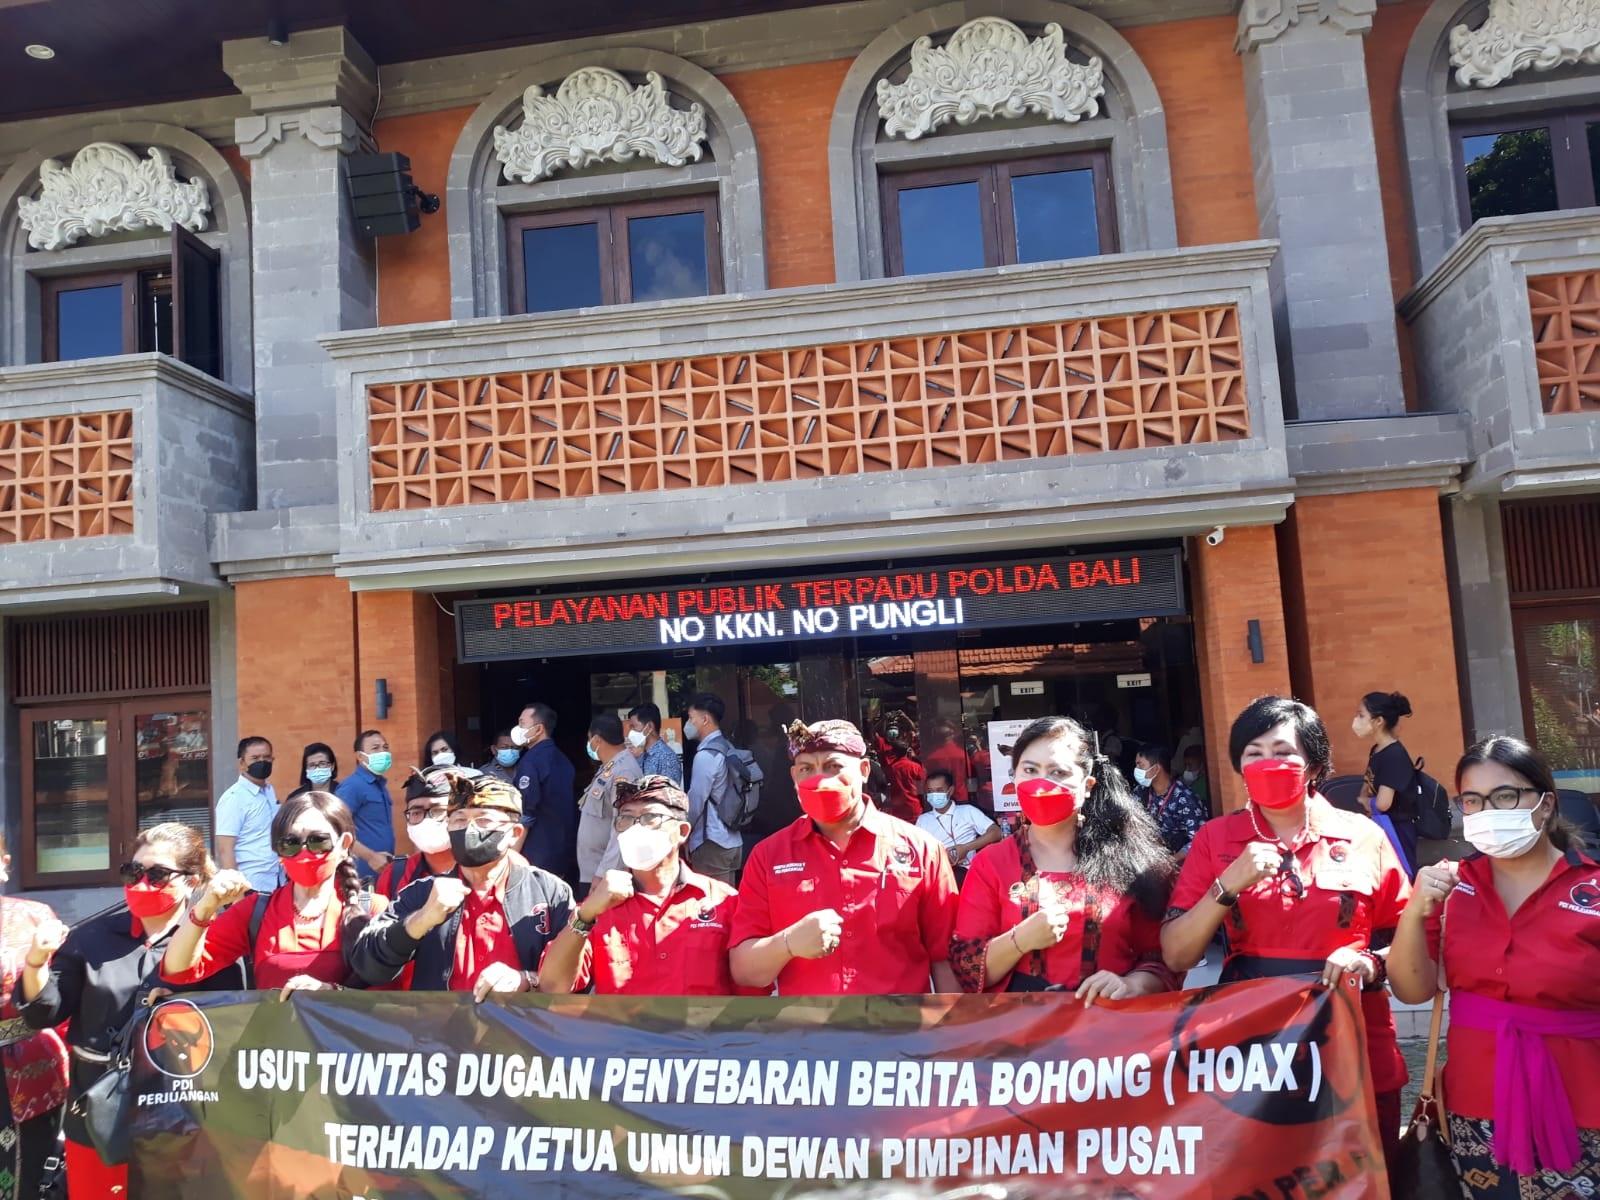 PARA kader dan pengurus DPD PDIP Bali membentangkan spanduk saat melapor ke SPKT Polda Bali atas dugaan hoaks terkait Ketua Umum PDIP, Megawati Soekarnoputri. Foto: ist